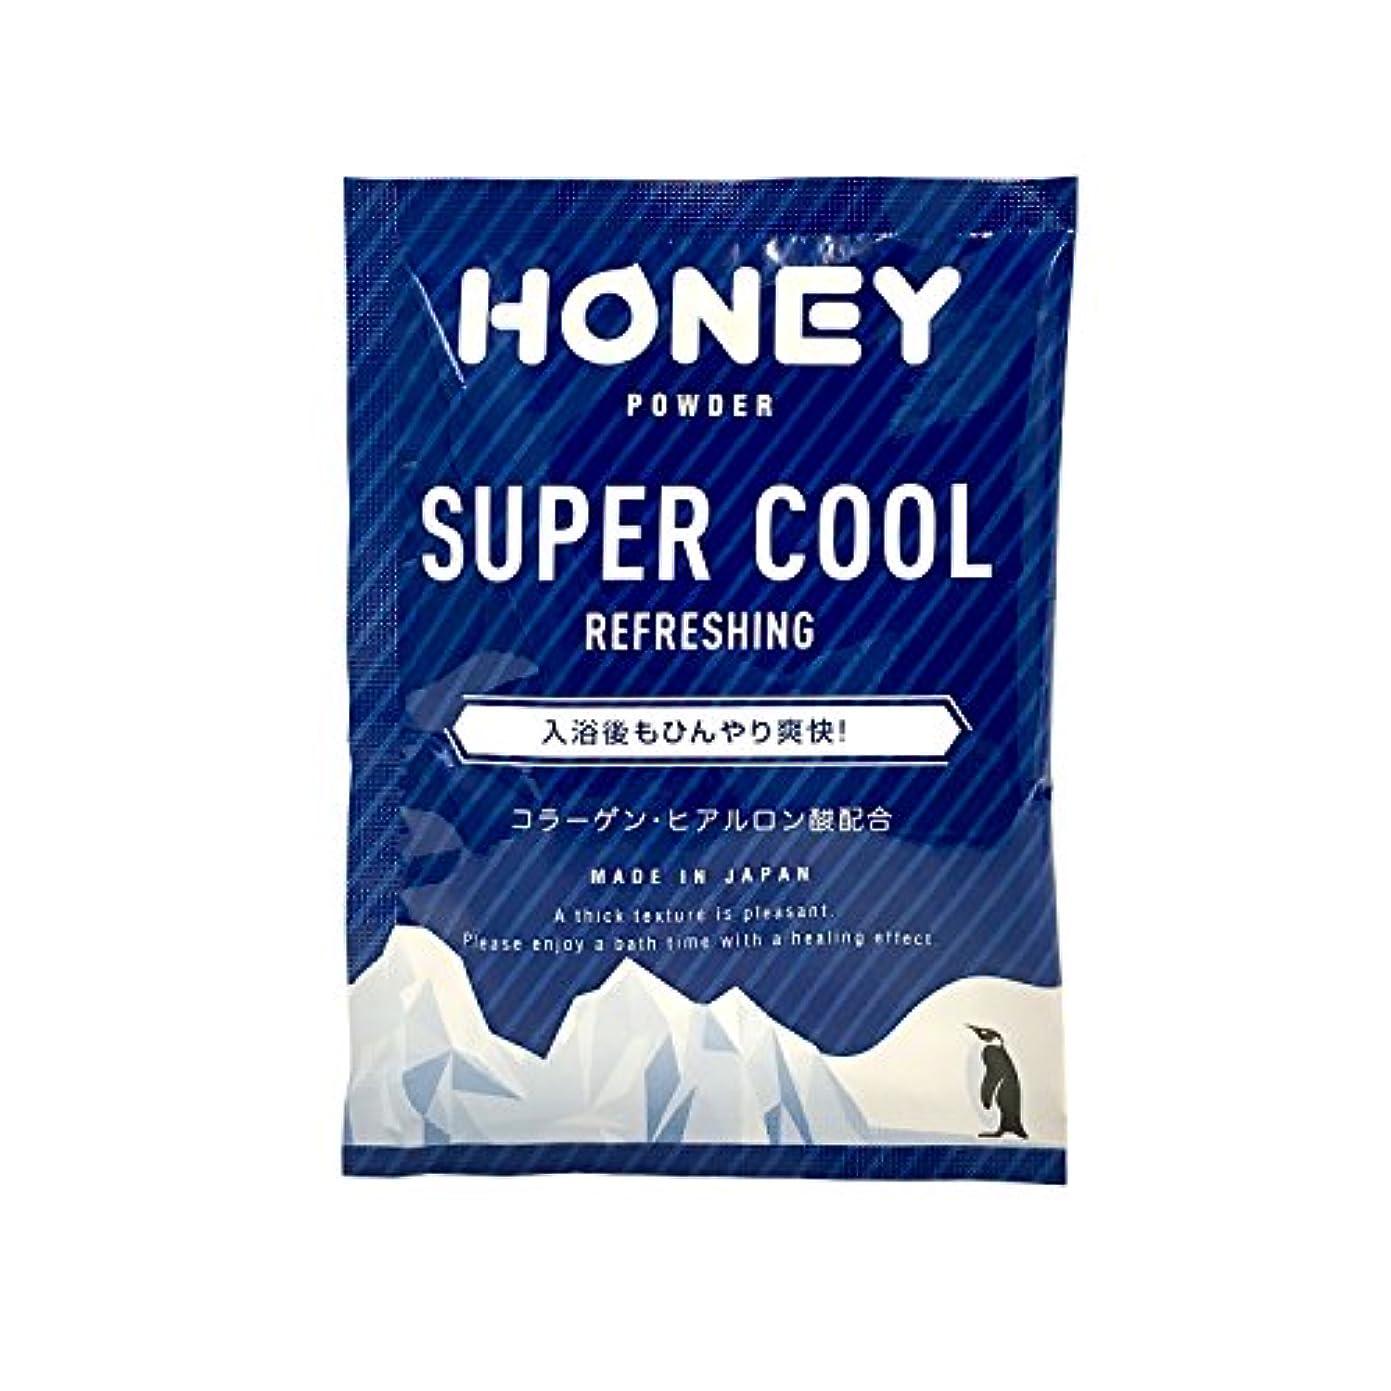 狼プロテスタント素晴らしいですとろとろ入浴剤【honey powder】(ハニーパウダー) 2個セット スーパークール 粉末タイプ ローション